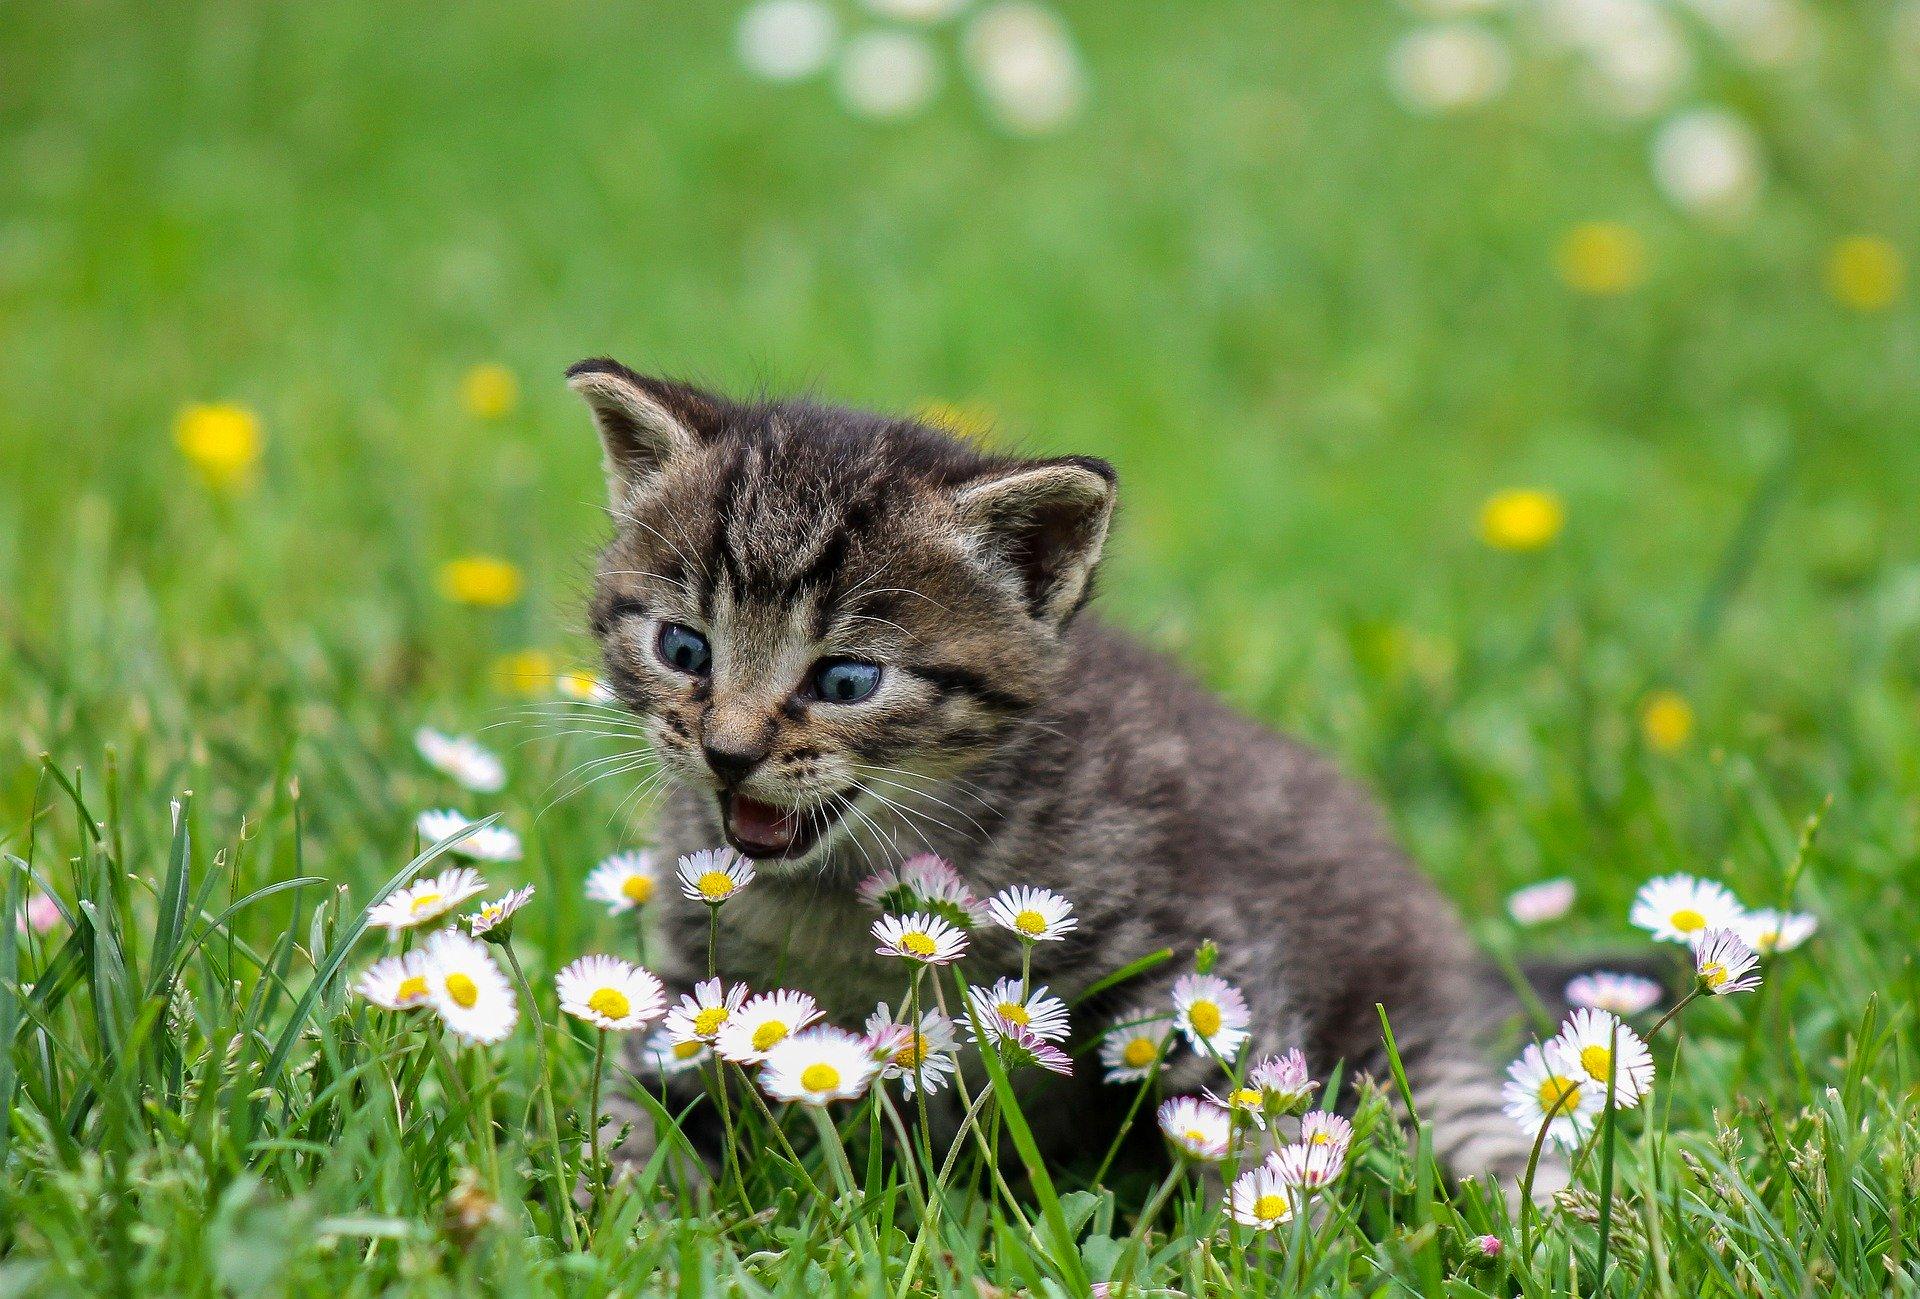 gato pequeño asustado de 4 meses o menos, en flores